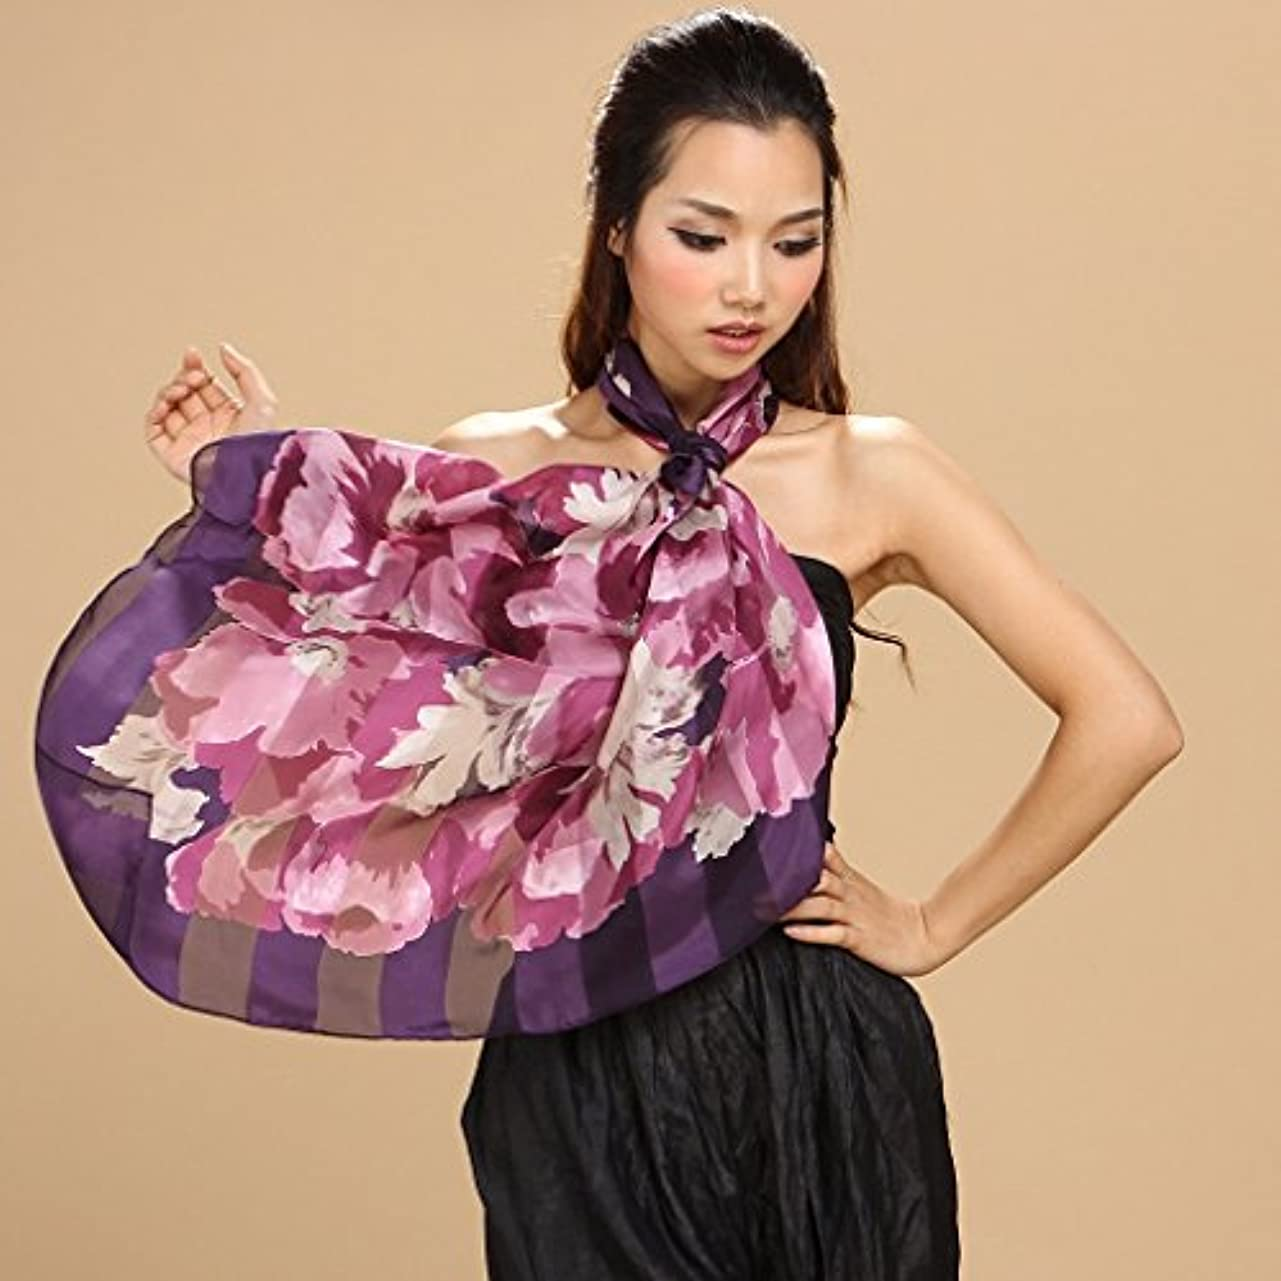 足誠実ブランチGAODUZI 女性の春と秋の新しいシルクハンドカーリーストライプの花ファッションスカーフ ( 色 : A )